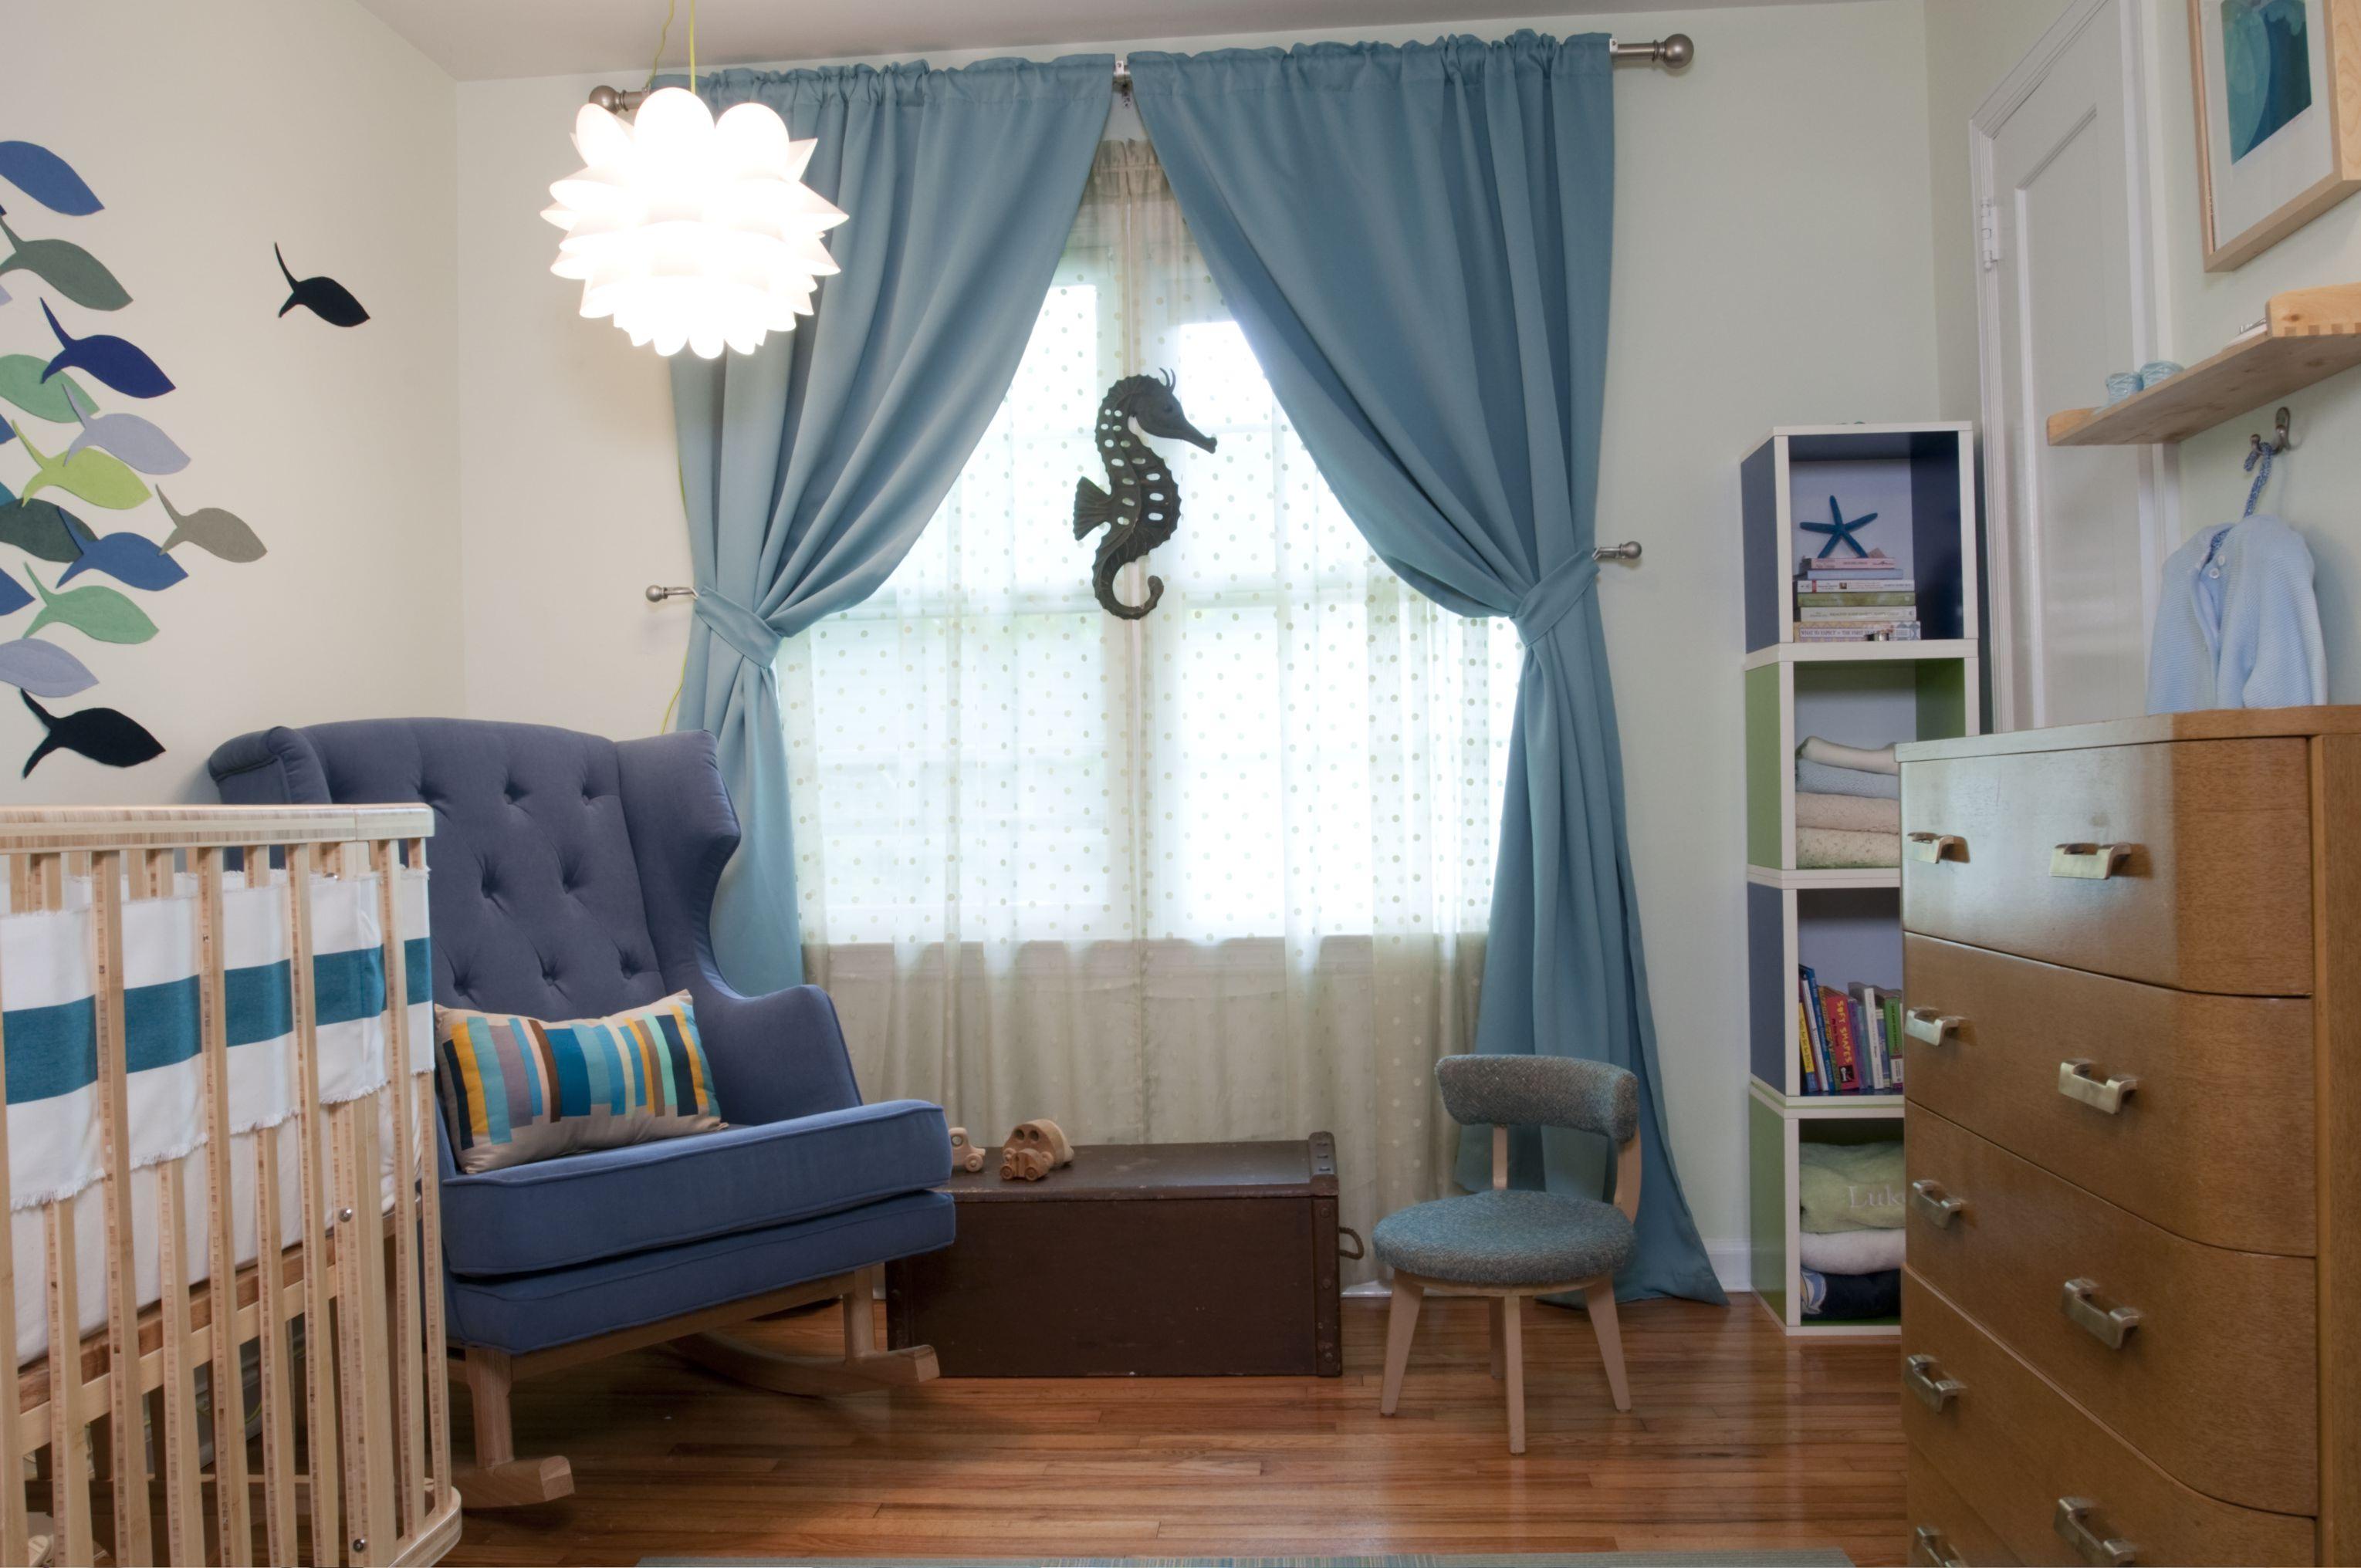 planteskole-ideer-til-bedre-barn-og-familie-søvn-the_baby-rooms_baby-nursery_little-piger-værelse-ideer-planteskole-design-barn-online-boy-girl-set-værelser-temaer-designs